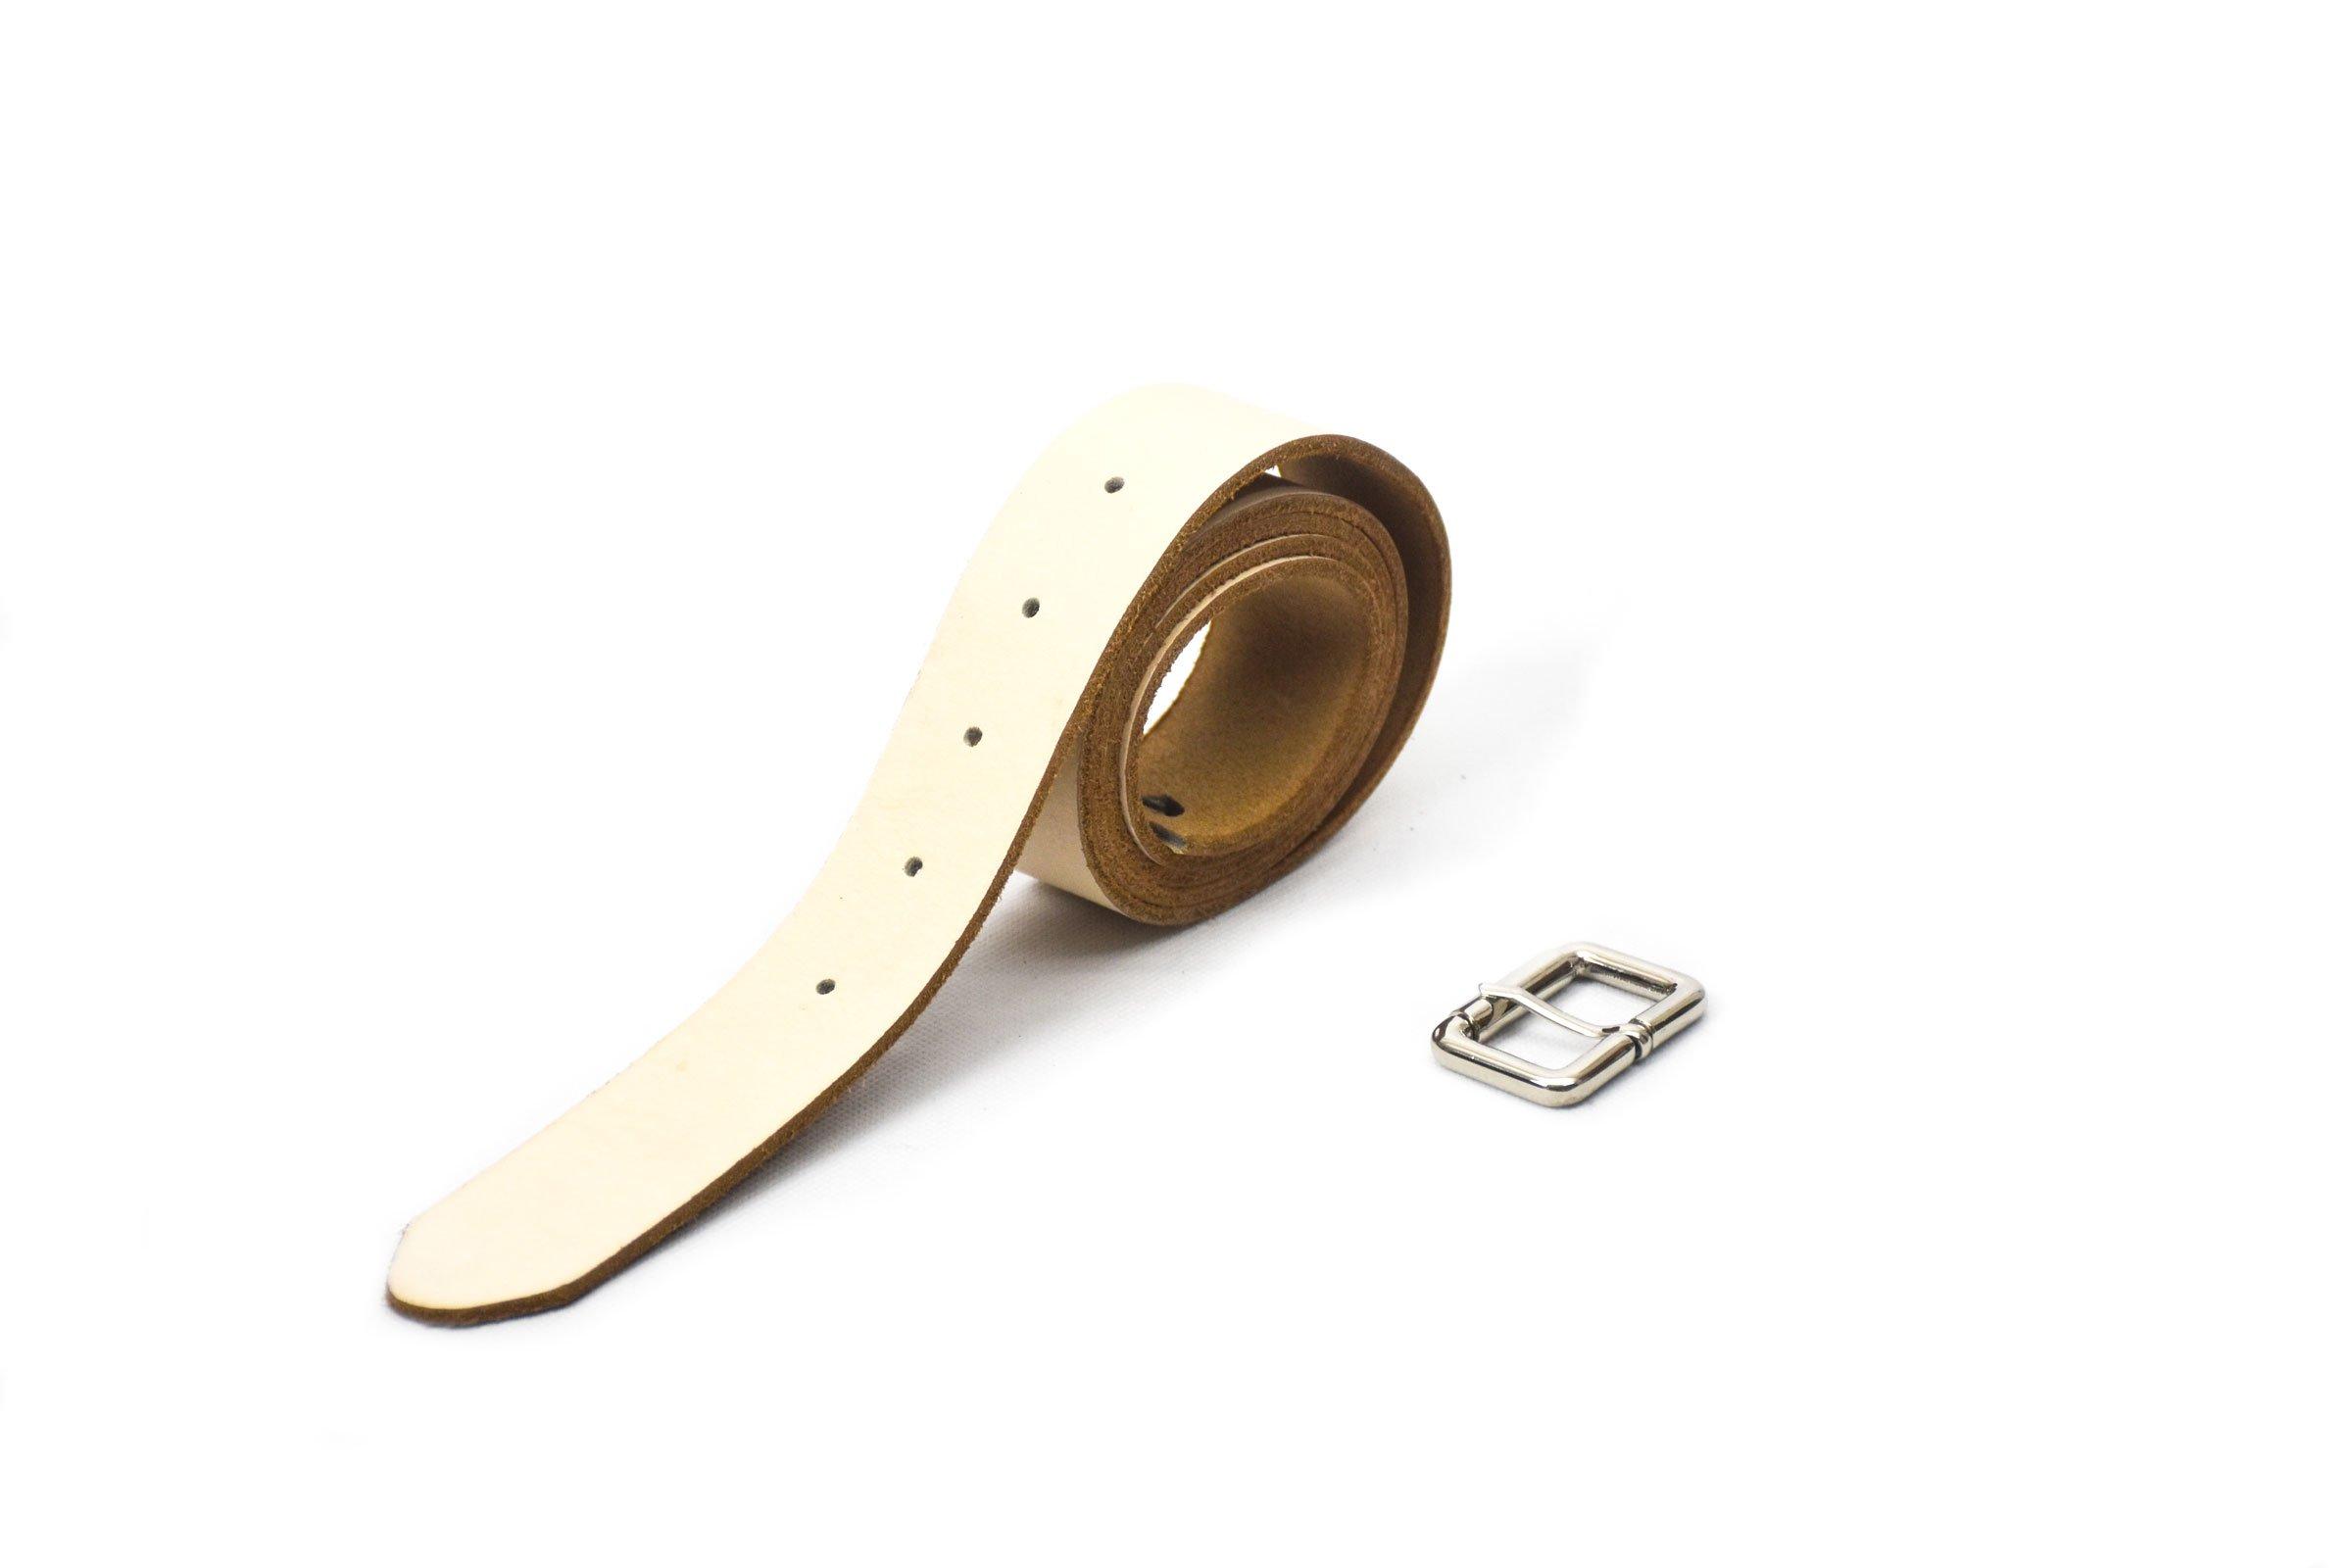 cinturón color crema 3.5cm ancho hebilla níquel